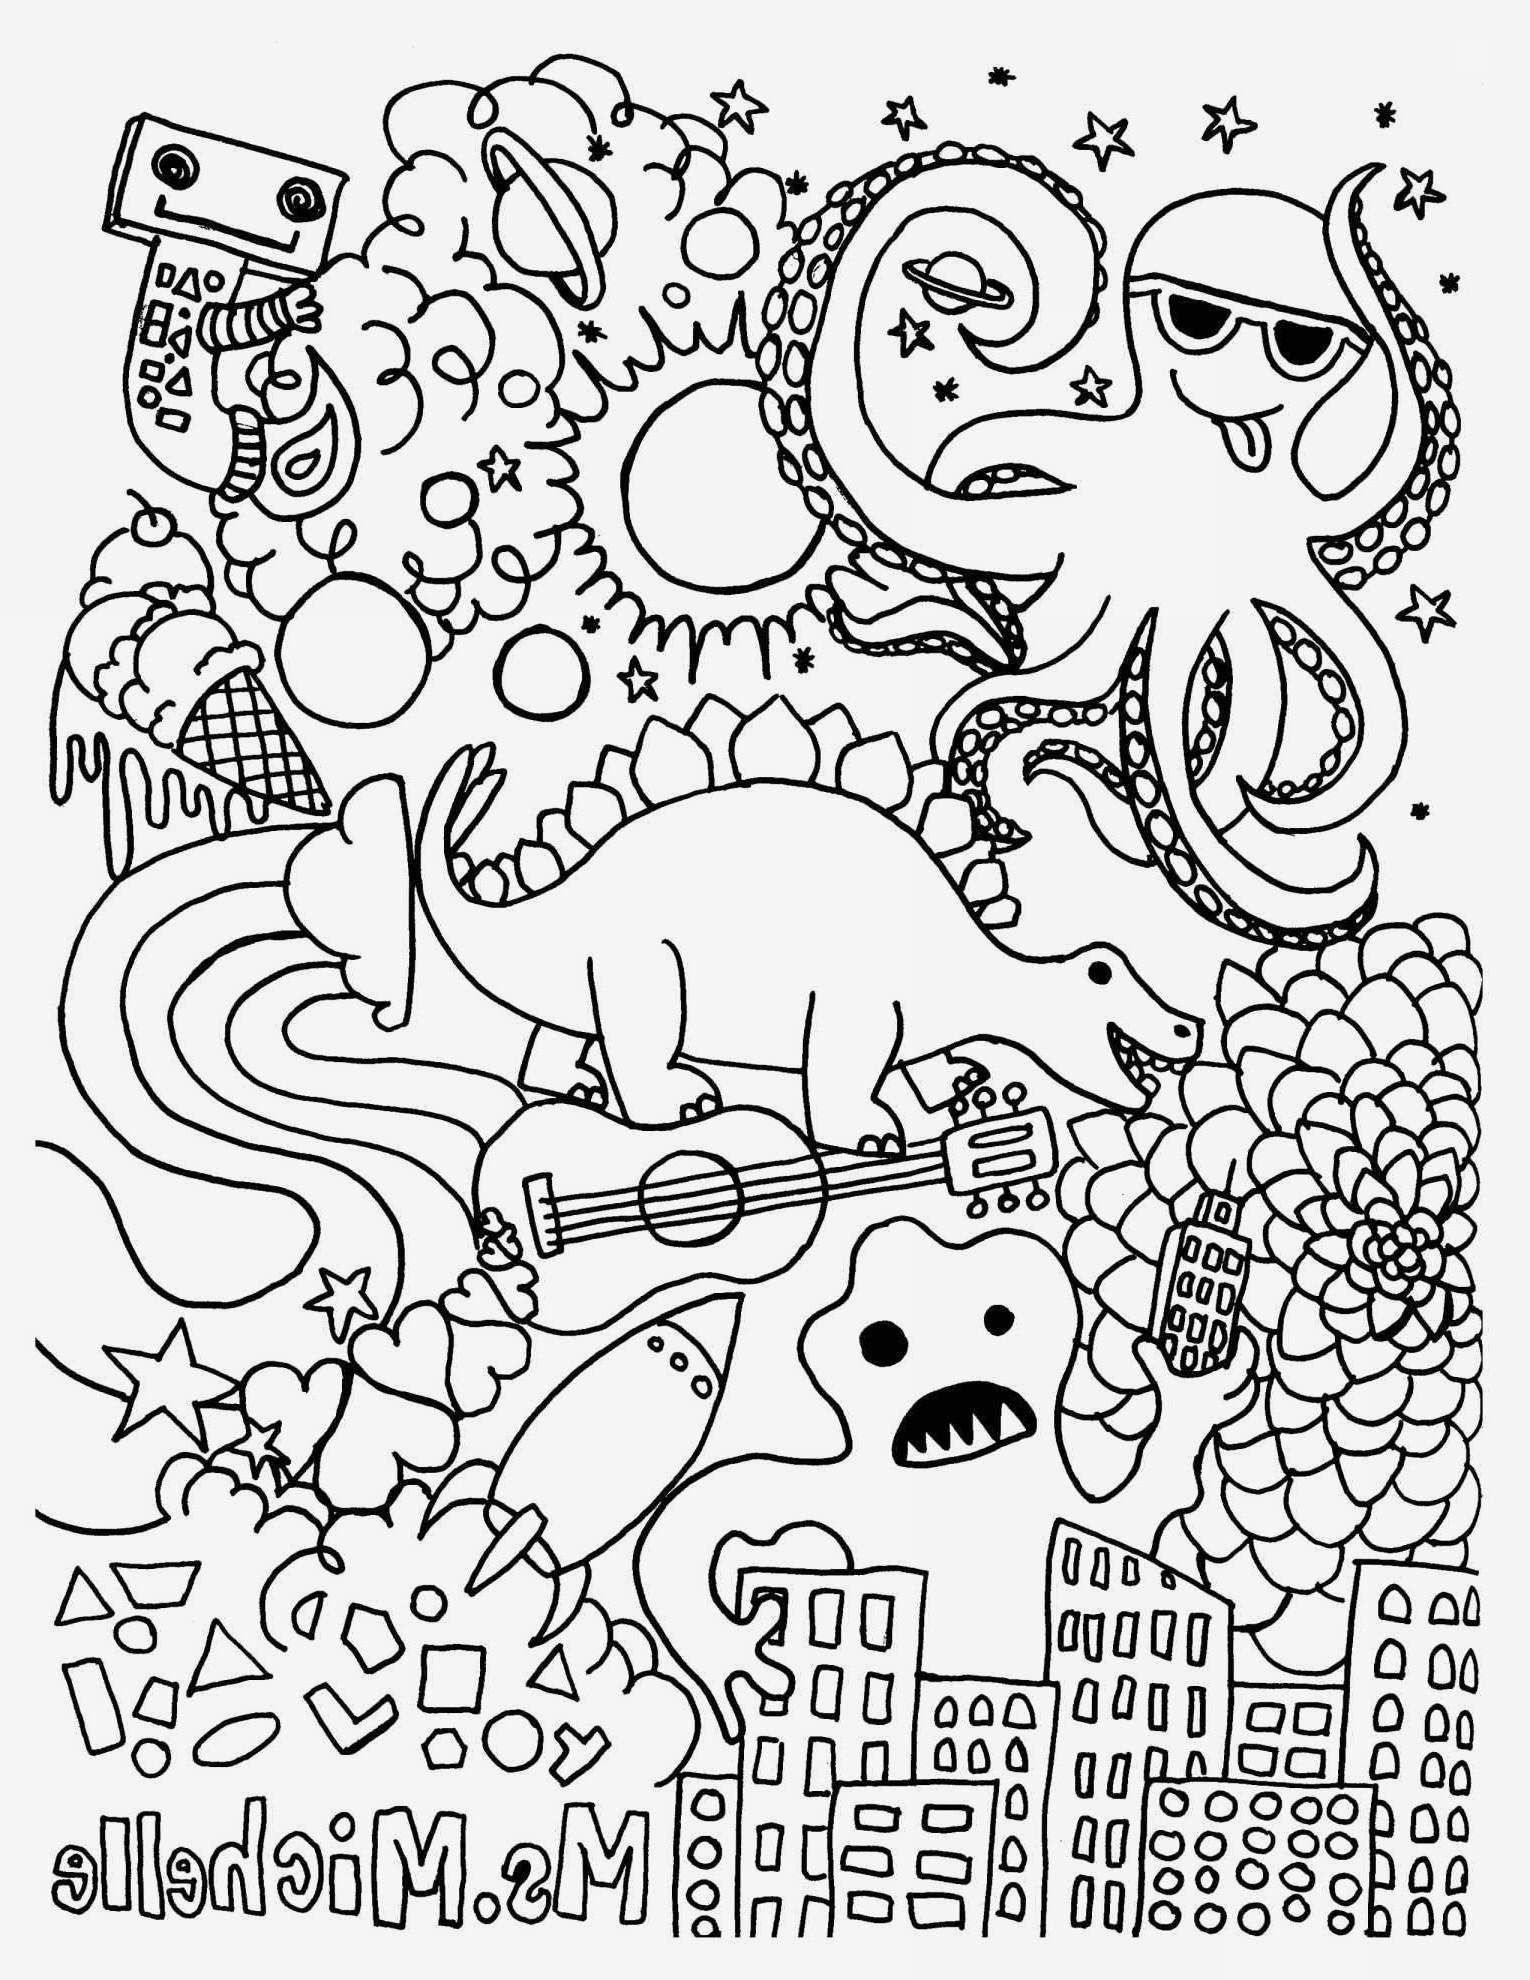 Ausmalbilder Emojis Unicorn Frisch 35 Fantastisch Unicorn Ausmalbild – Malvorlagen Ideen Galerie